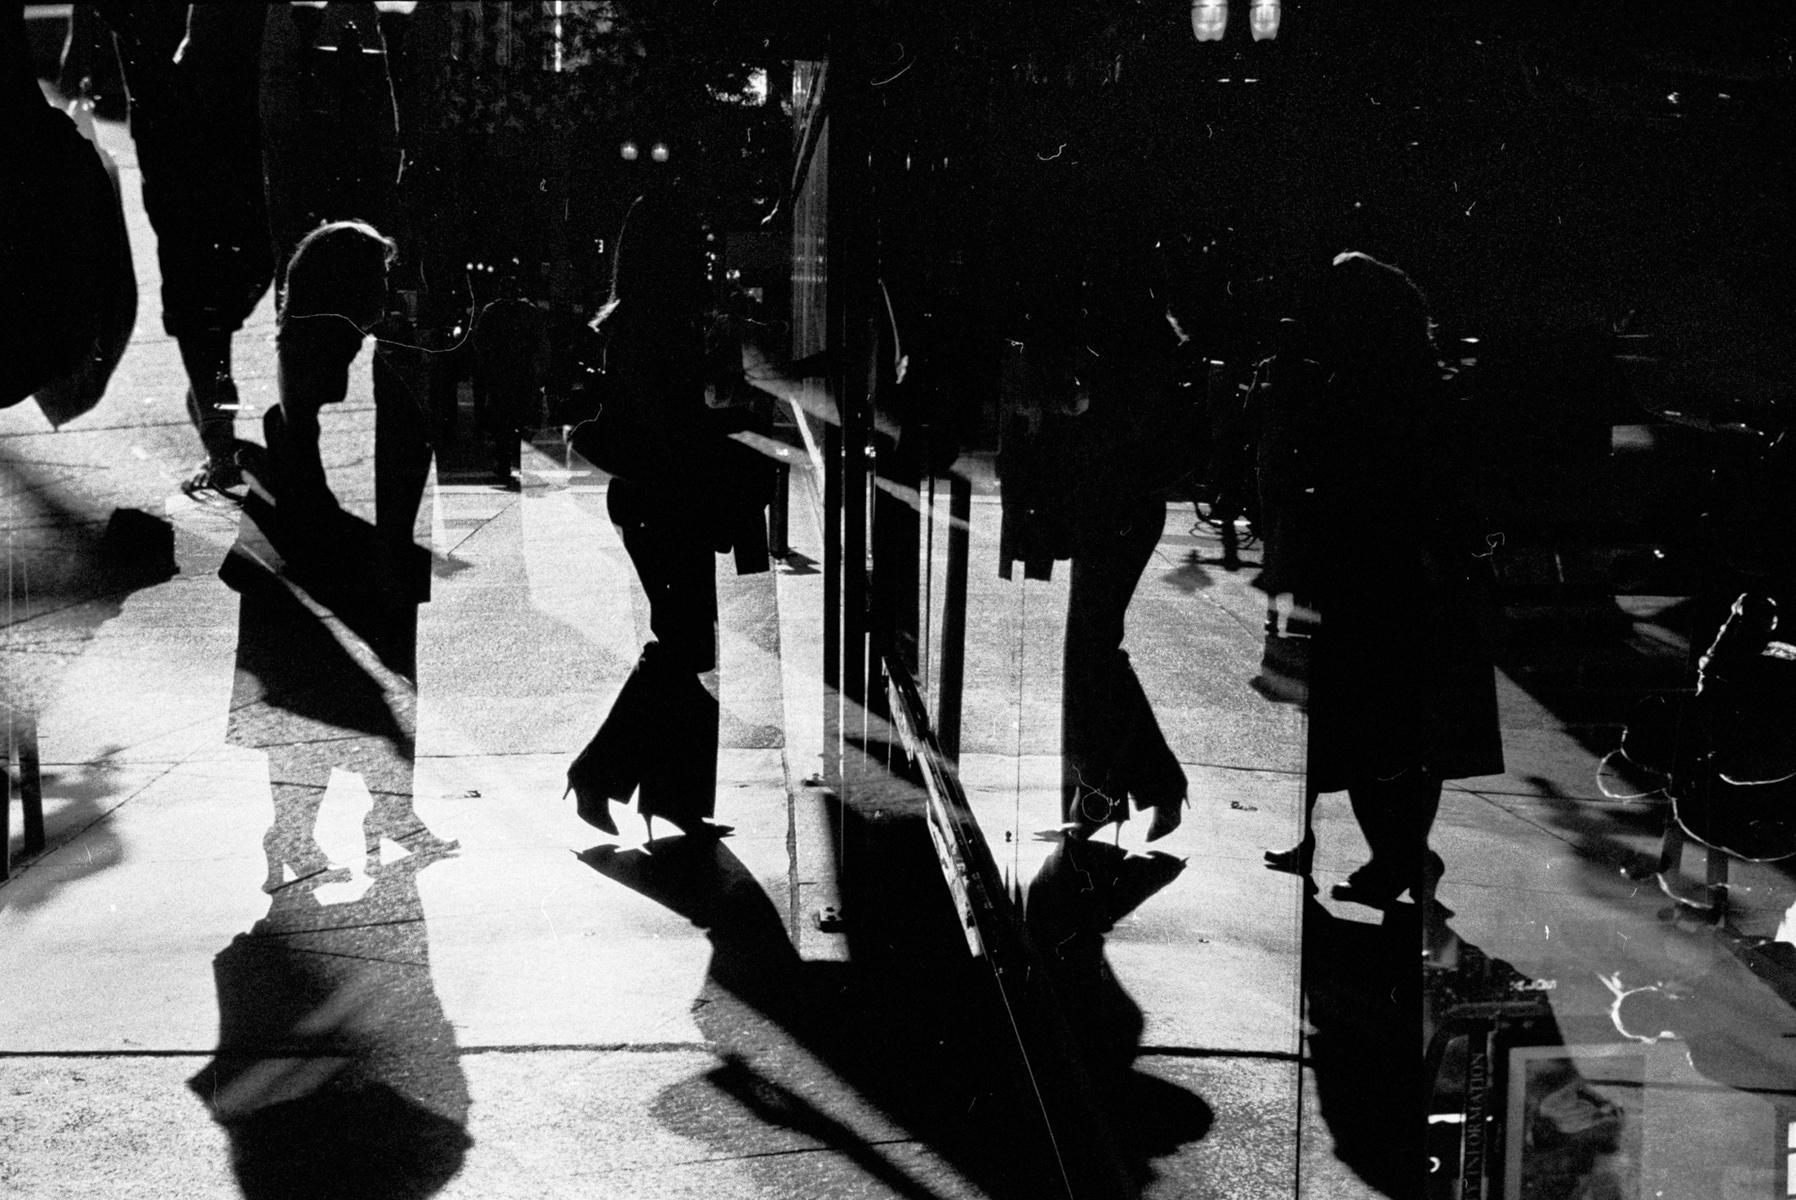 Dali's Dance, Chicago